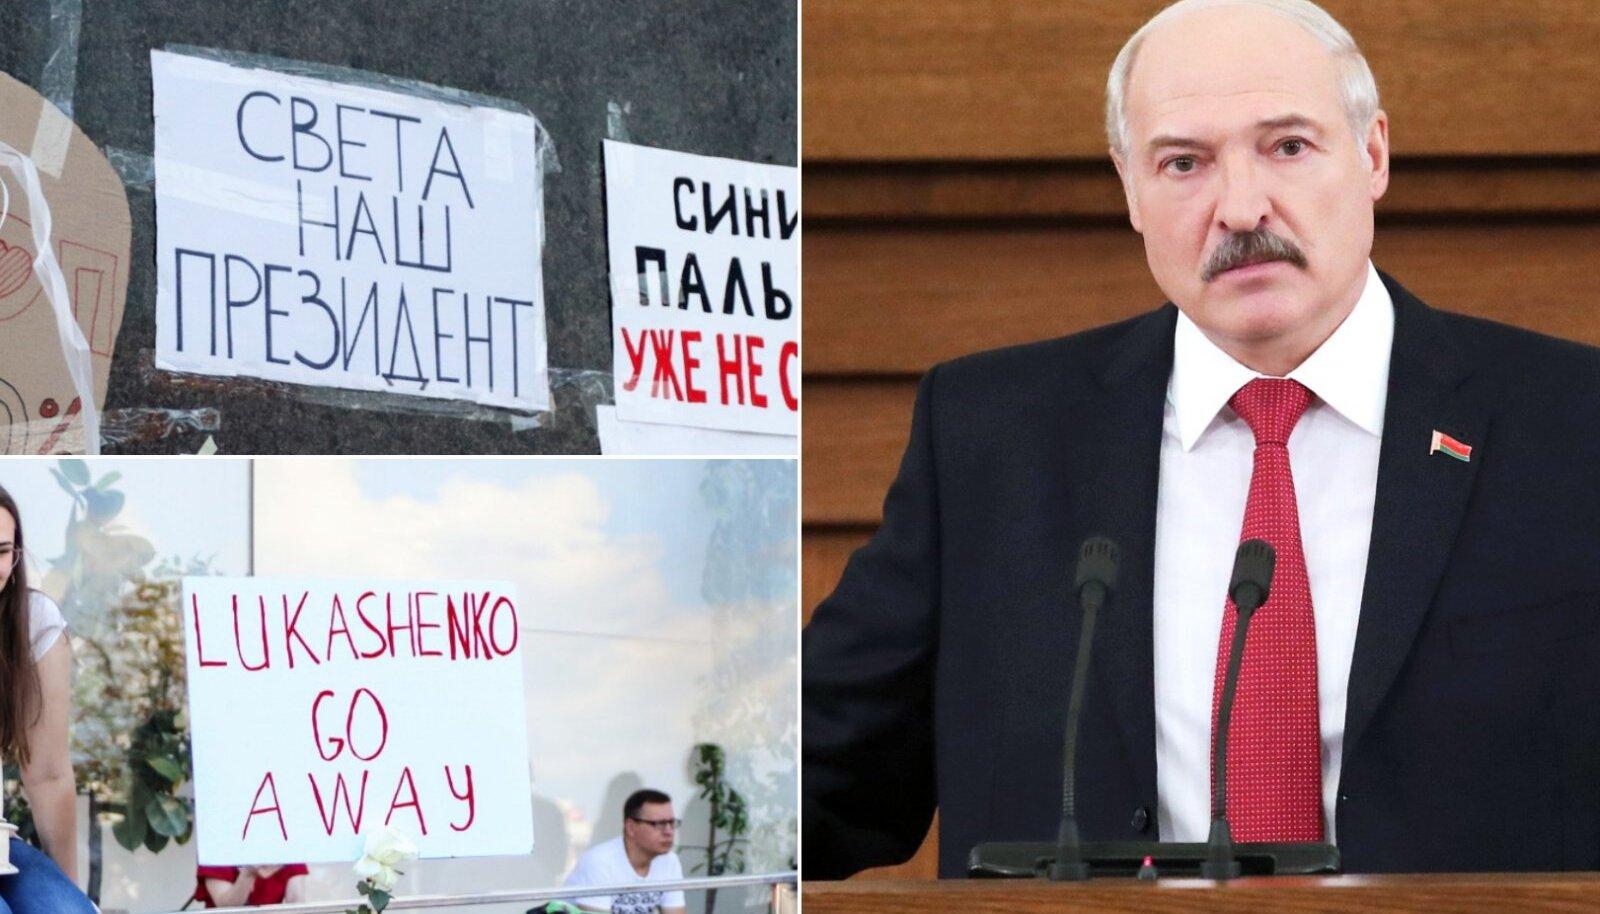 Kohalike meelepaha Valgevenes toimuva suhtes sai ilmsiks ka läbi olümpiamängude - sedapuhku kannavad opositsioonilisi seisukohti edasi sportlased.